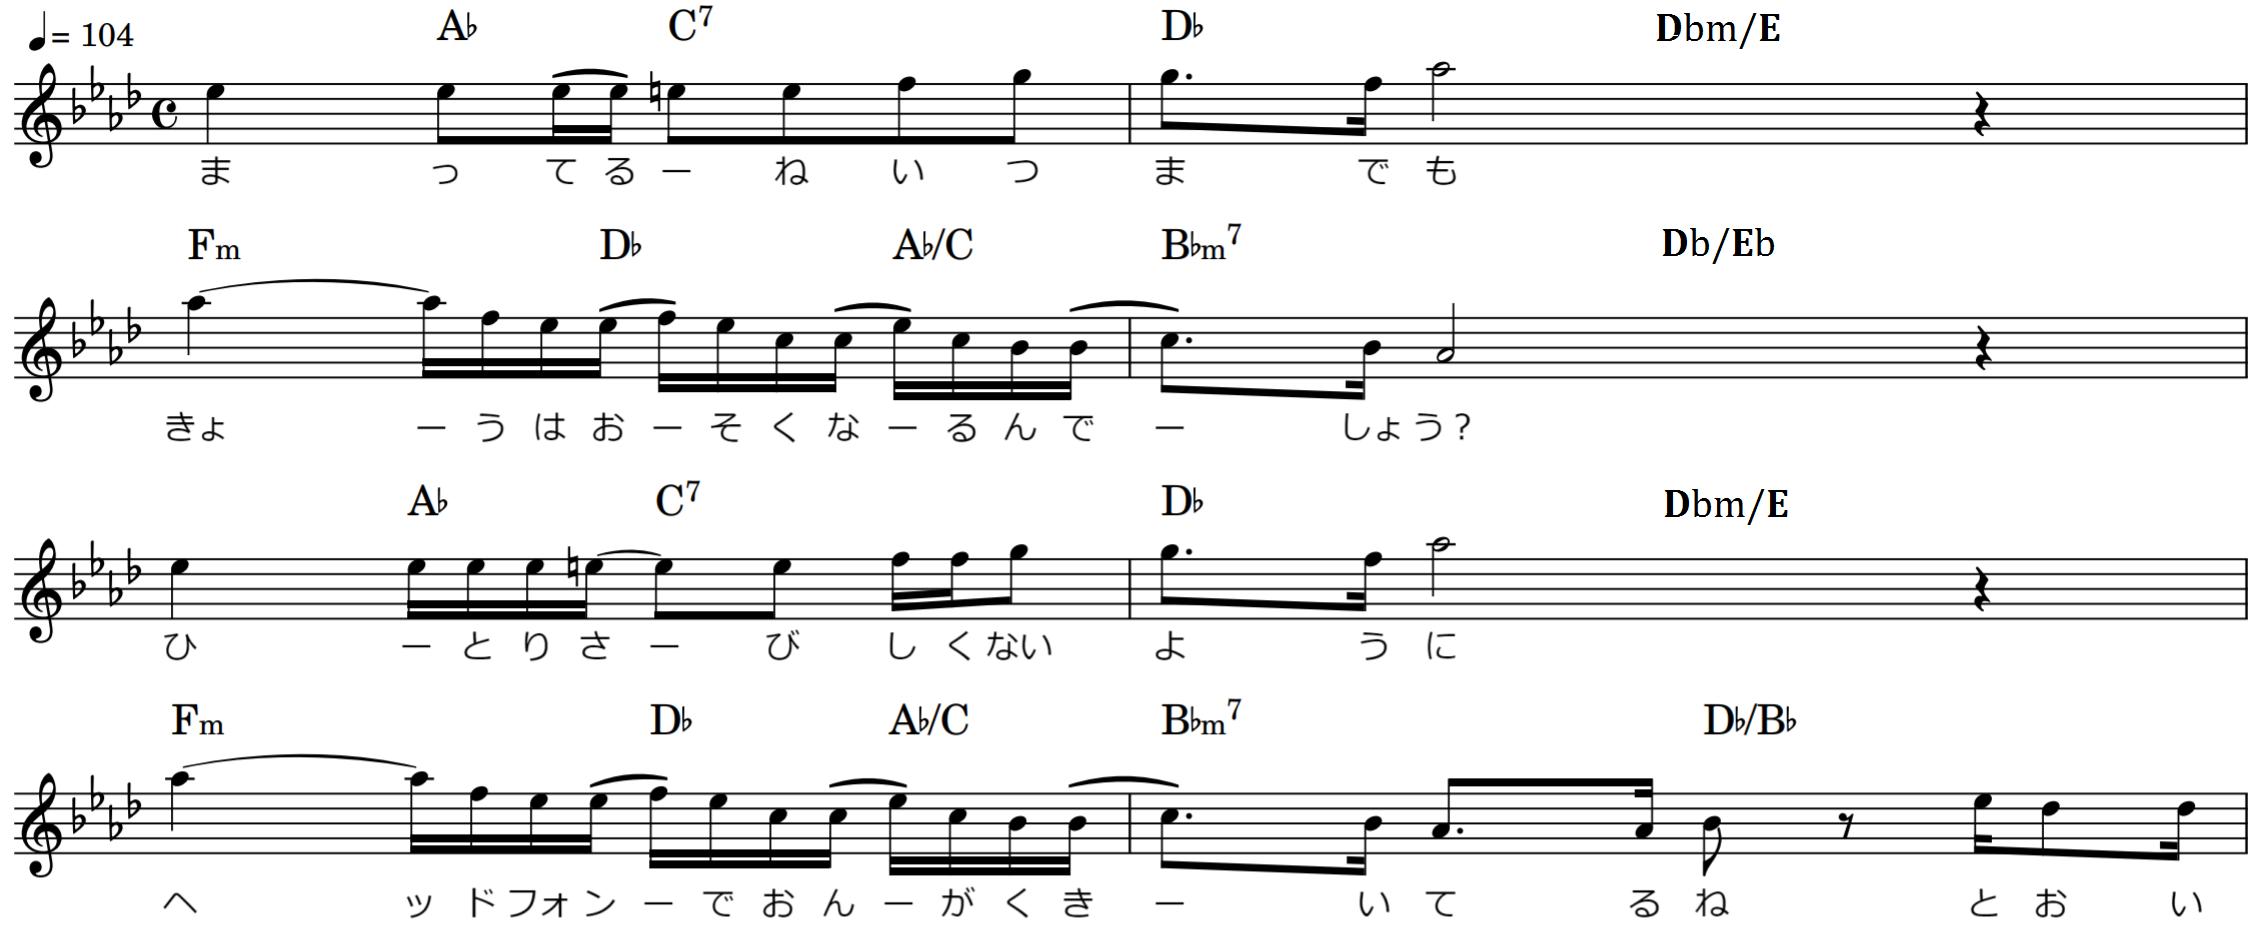 キラキラ/Aメロ楽譜